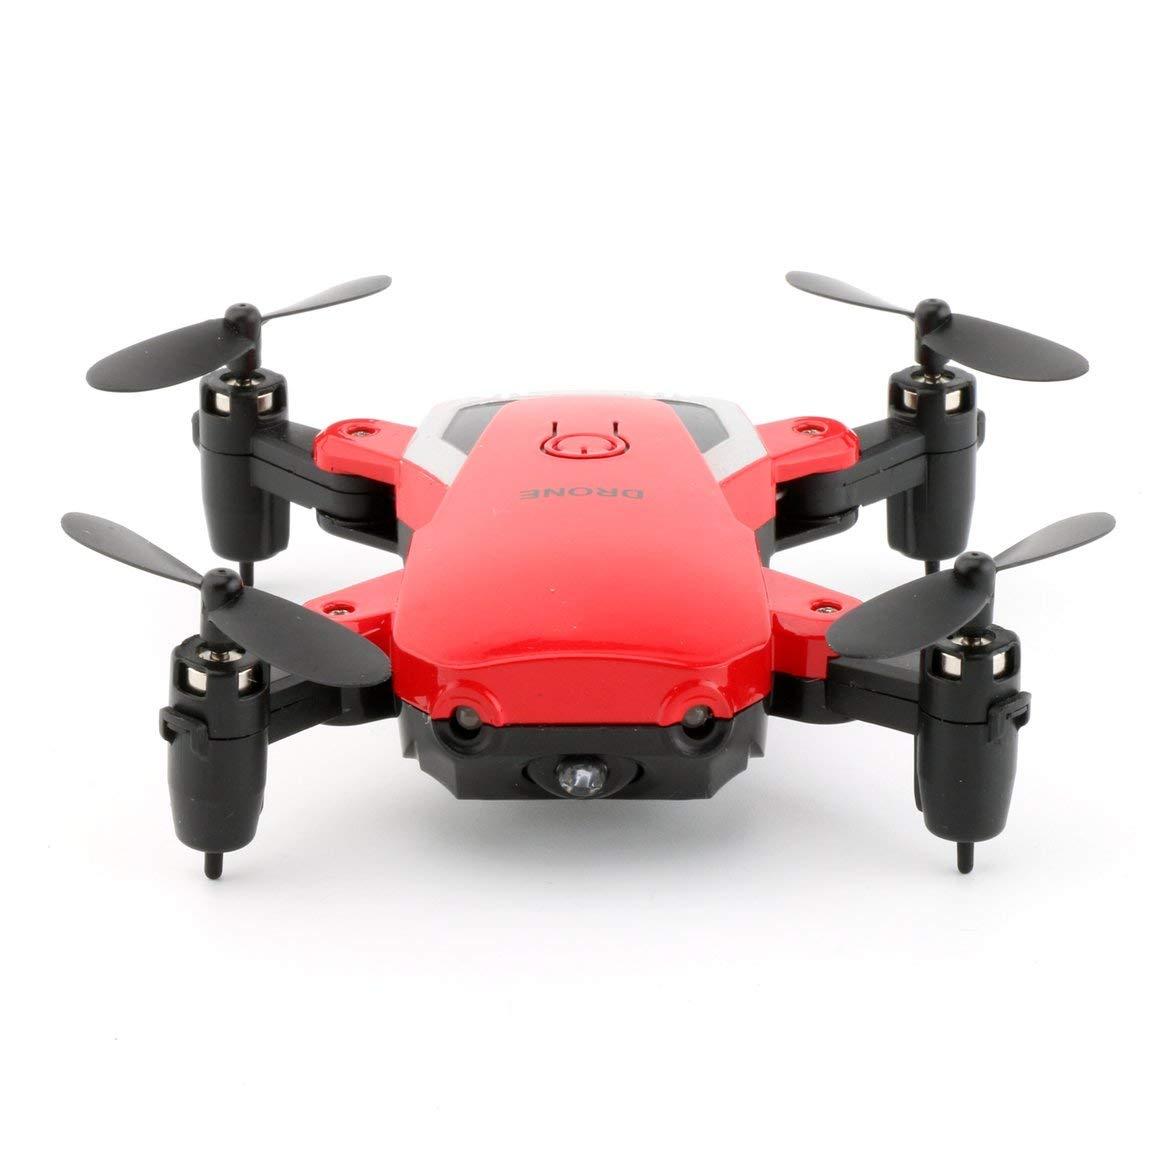 Delicacydex Mini RC Hubschrauber Höhe halten Faltbare Drohne A808 RC Quadcopter mit 2,0 Megapixel Kamera tragbare Fliegende Flugzeuge - rot